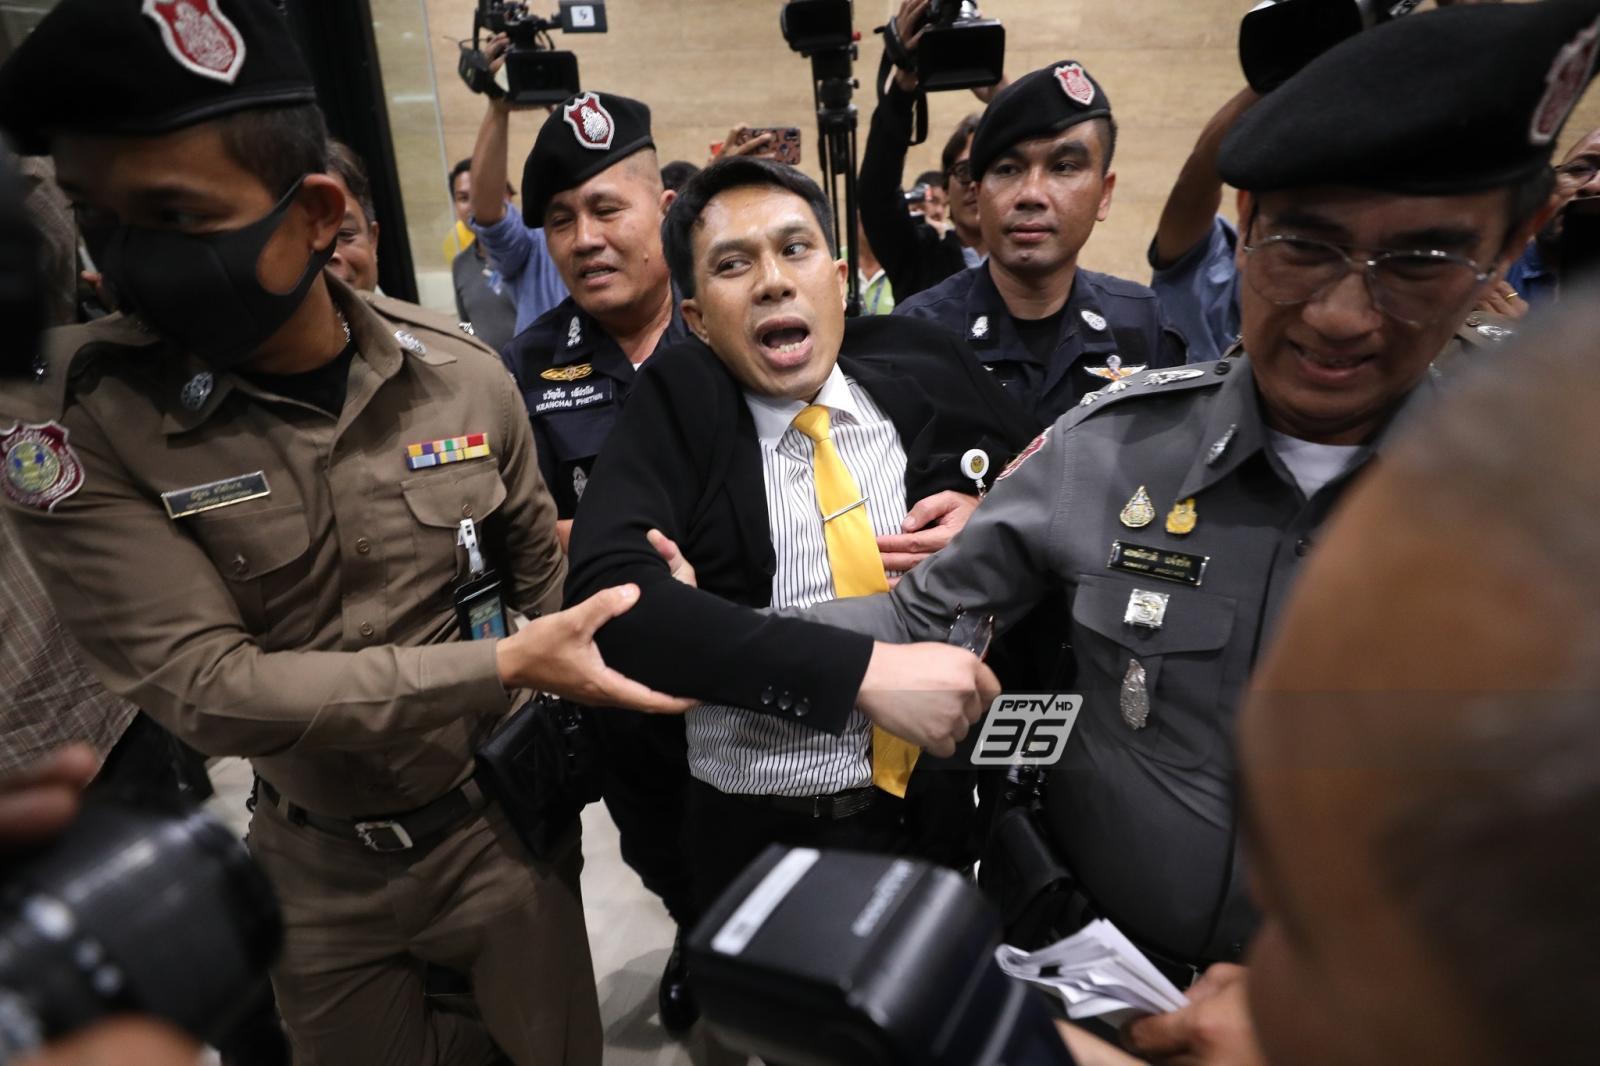 ชุลมุน!! เด็ก พปชร.ถูกเชิญออกนอกสภาฯ หลังเข้ามาแถลงโดยไม่ได้รับอนุญาต